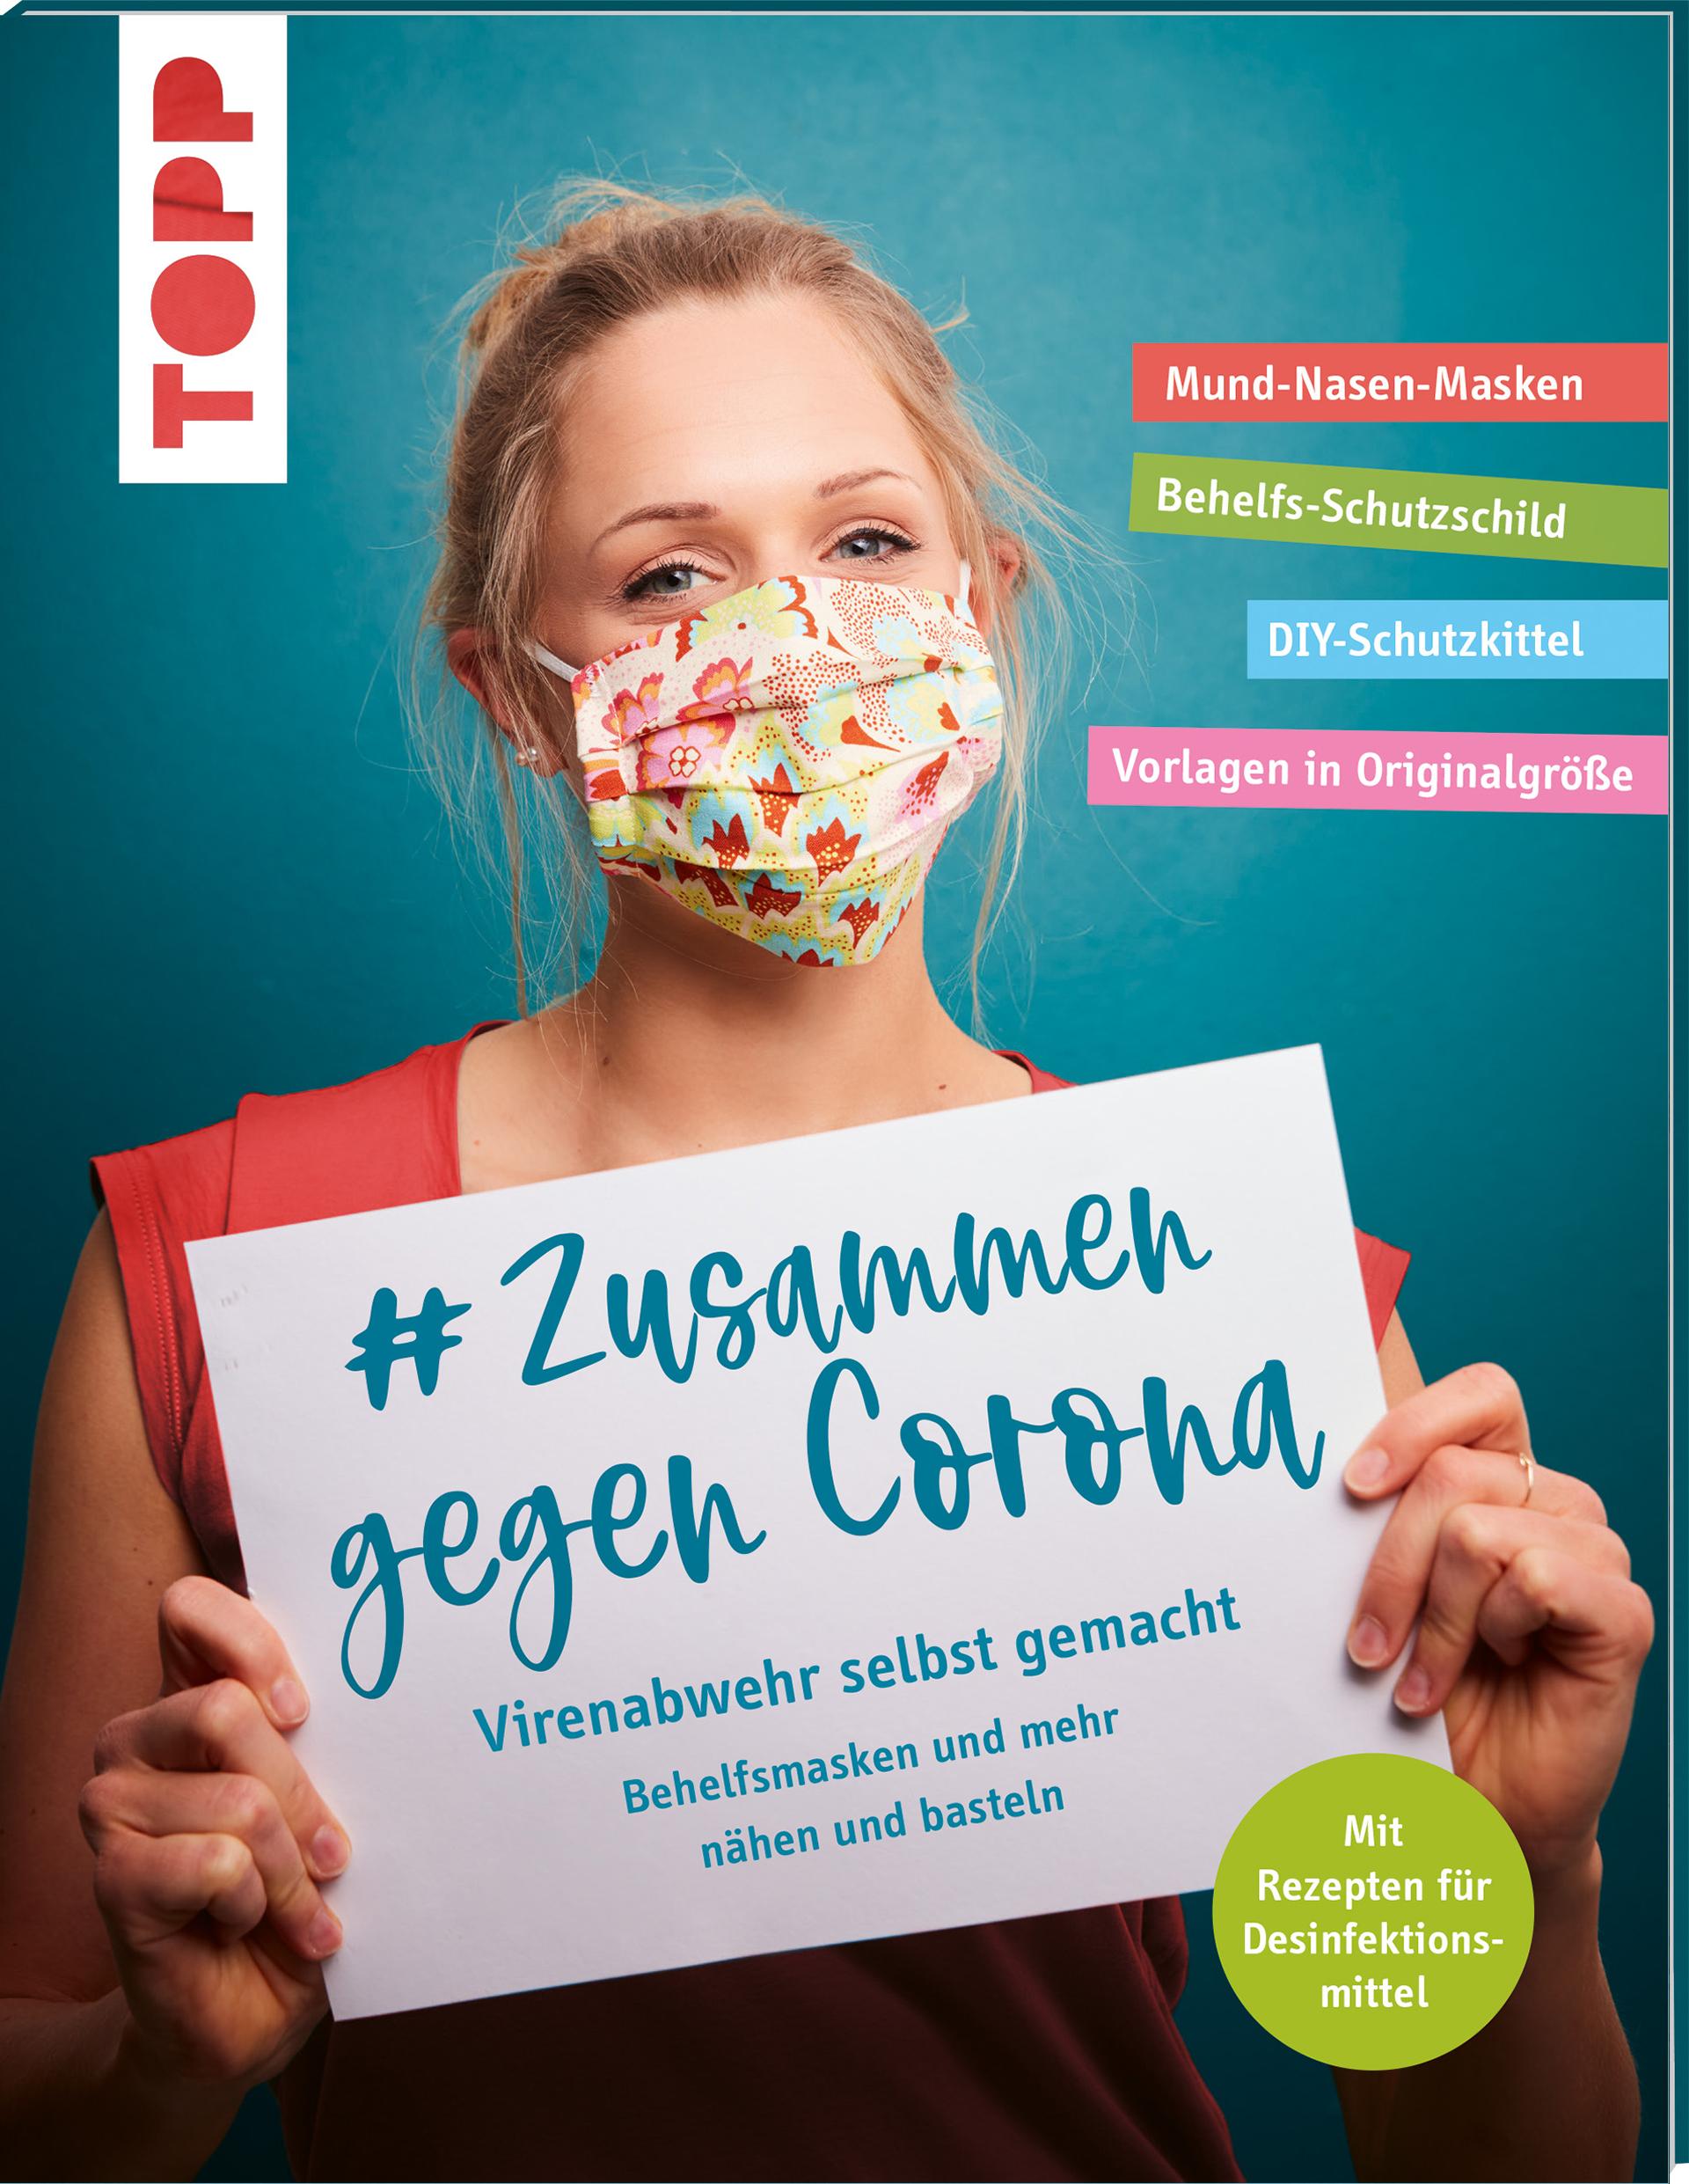 # Zusammen gegen Corona: Virenabwehr selbst gemacht – Behelfsmasken und mehr nähen und basteln. Mit Rezepten für Desinfektionsmittel